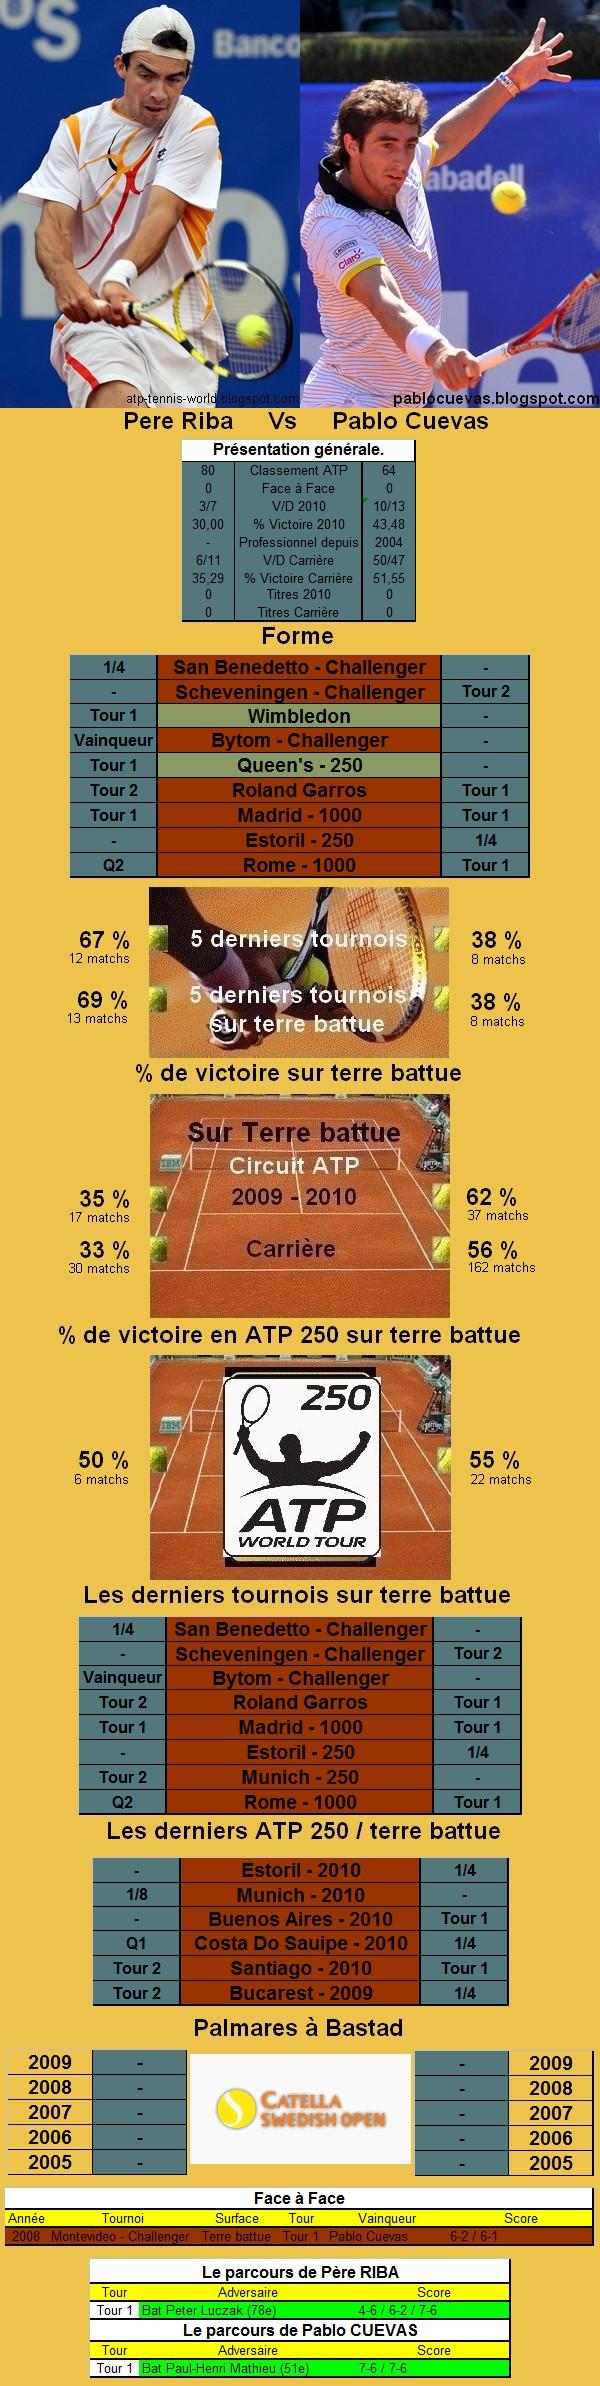 Statistiques tennis de Riba contre Cuevas à Bastad